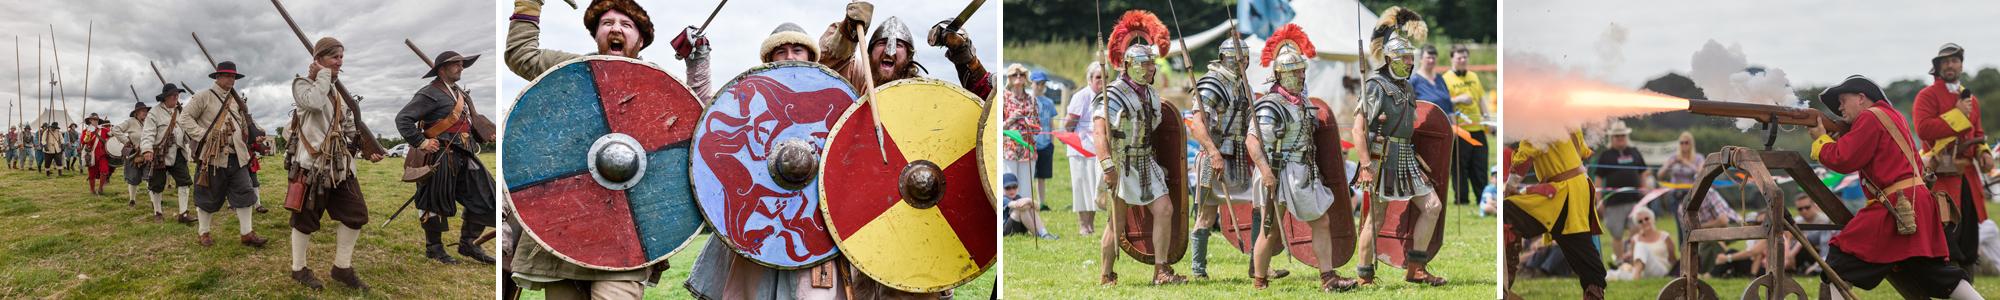 2016 ECWS Vikings Romans and Militia